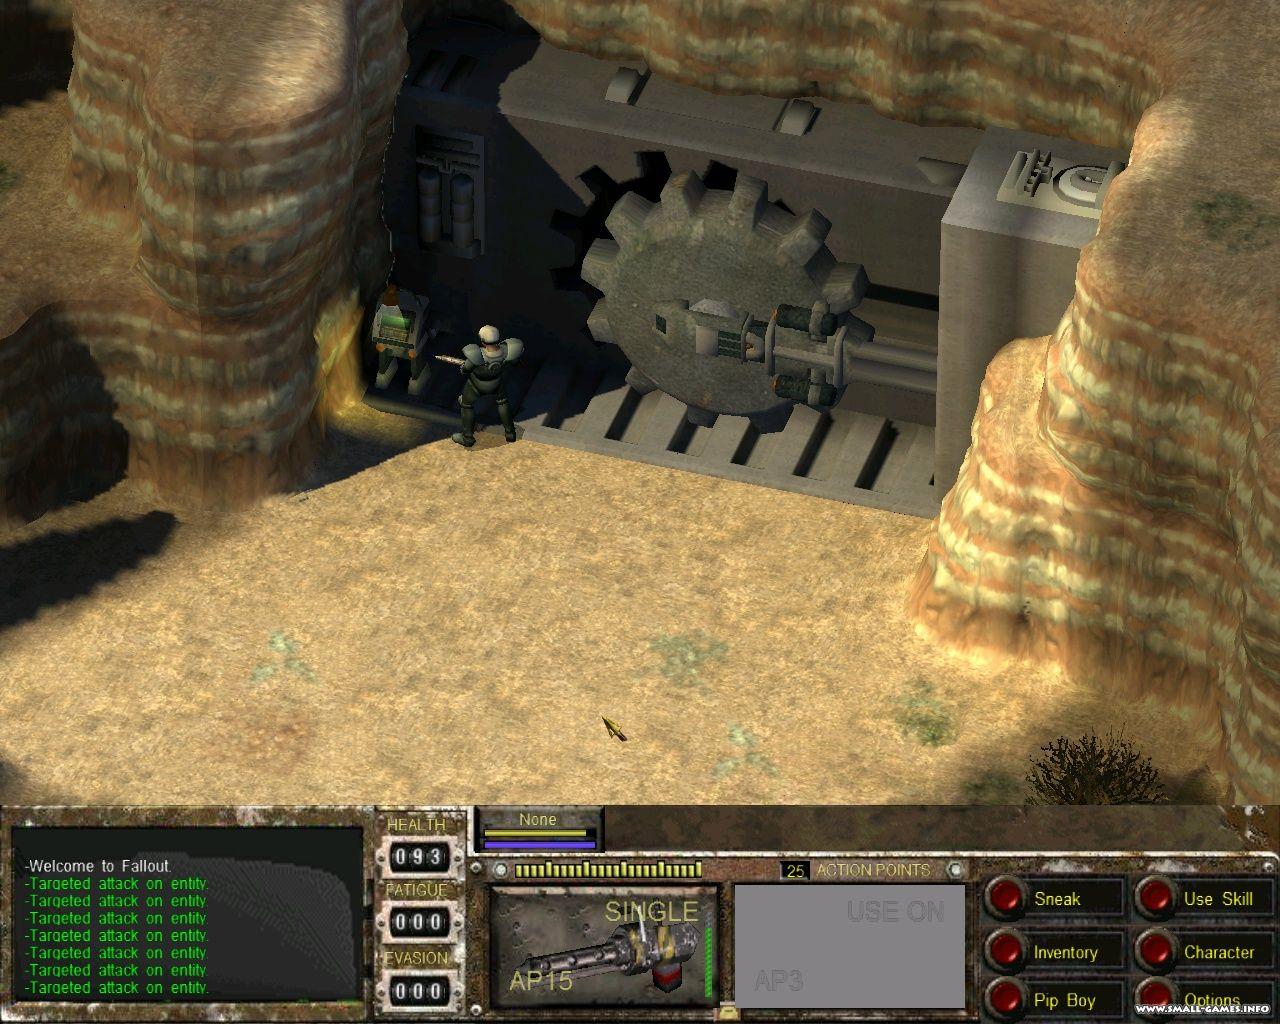 Van_Buren_Fallout_3_9.jpg